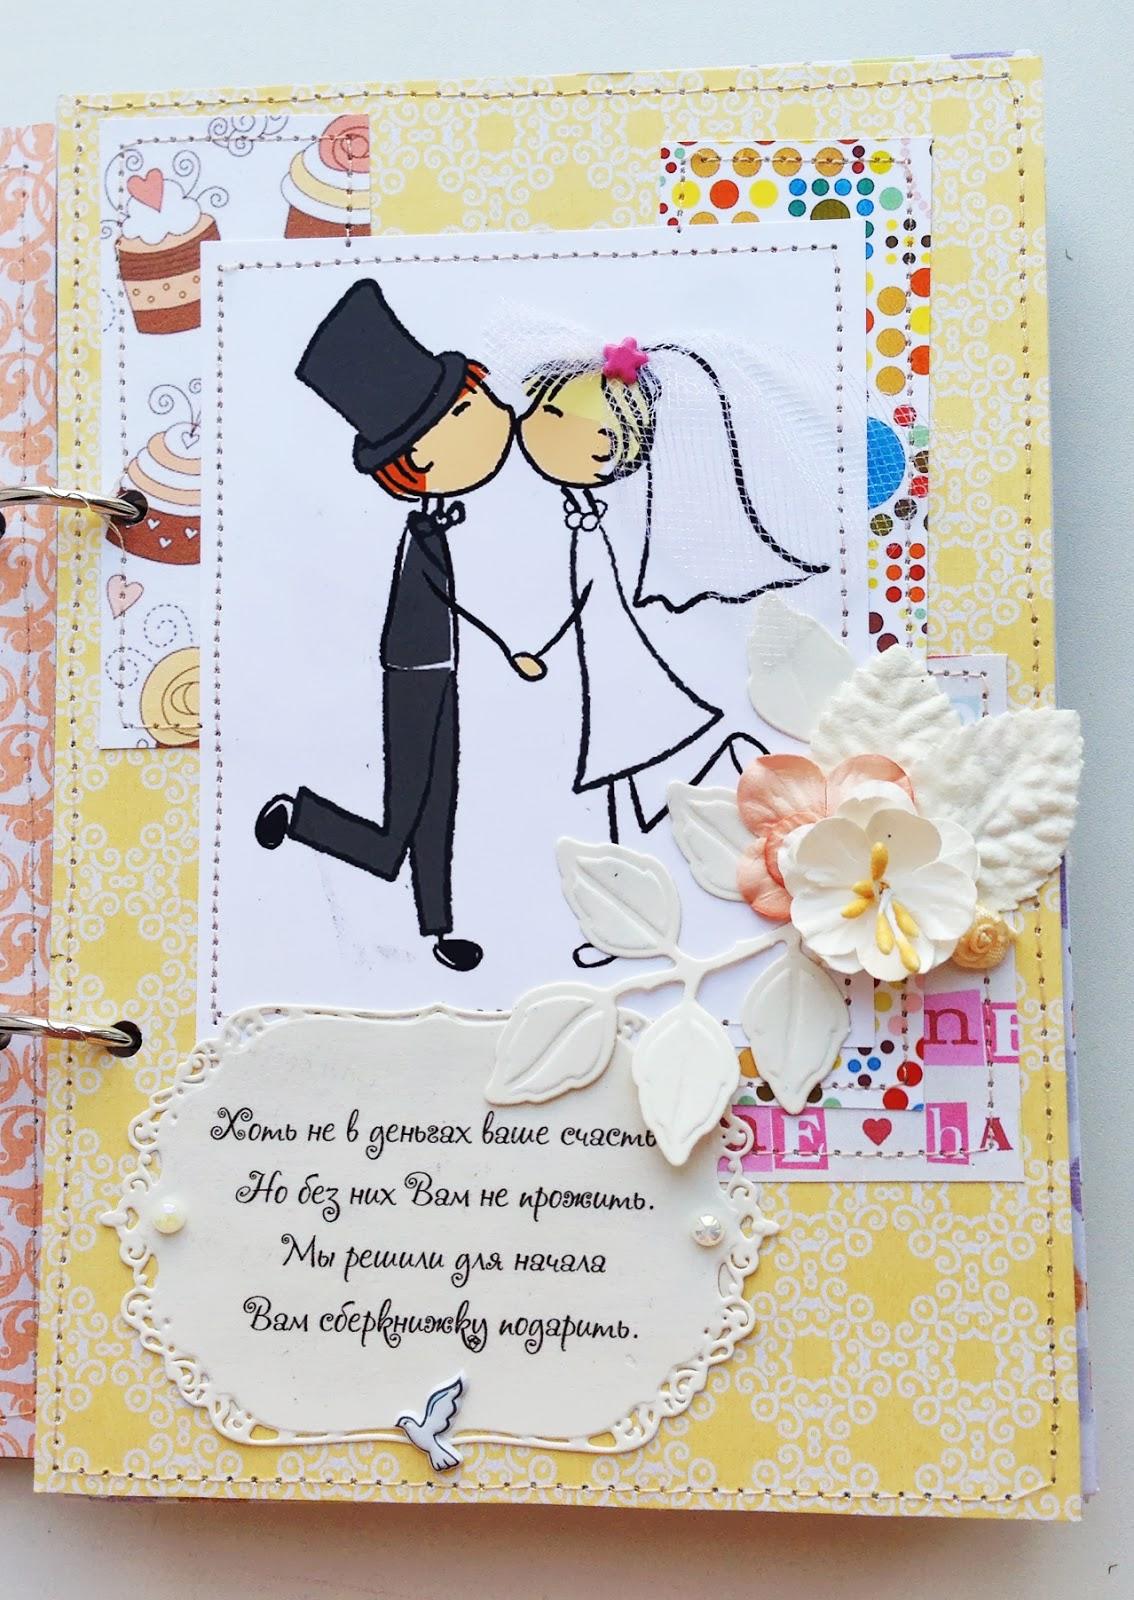 Необычное поздравление с днем свадьбы на свадьбе